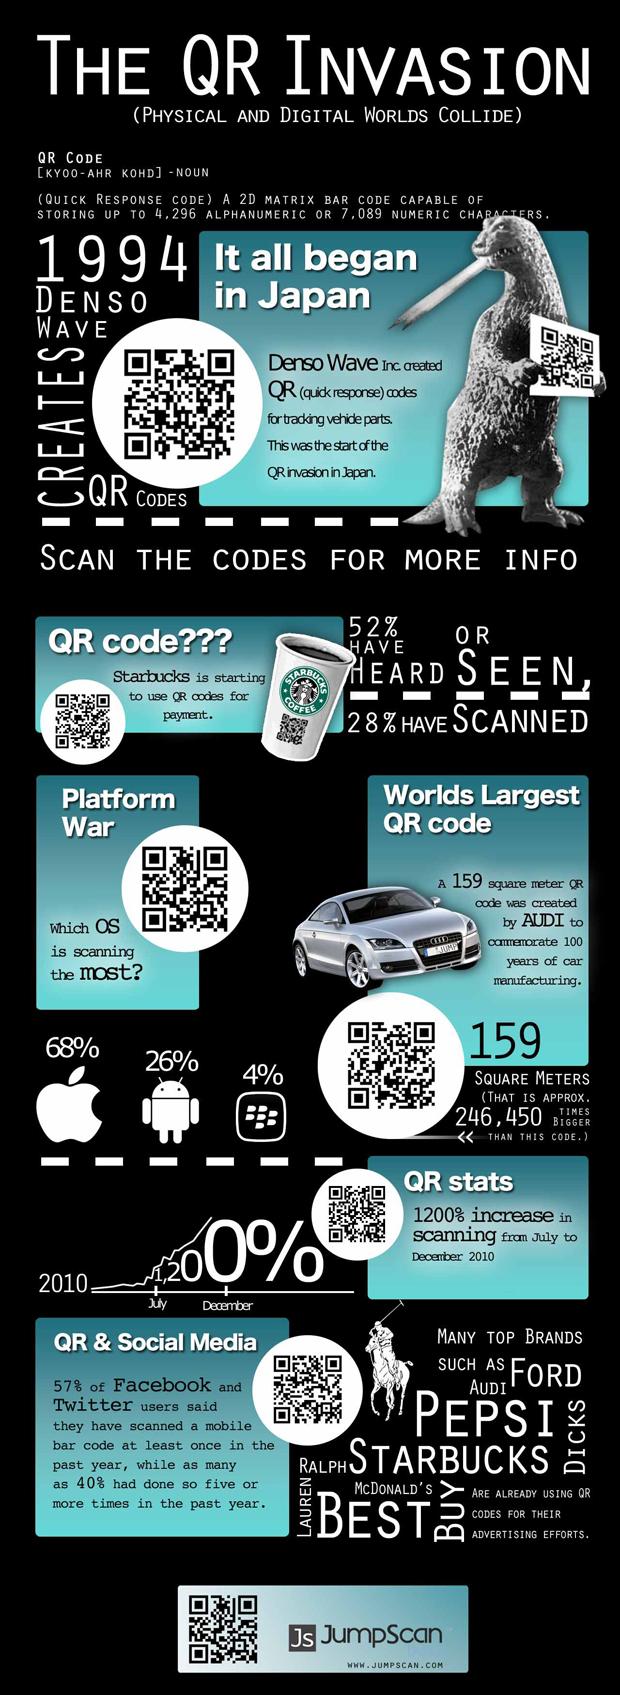 Actualidad informática. Infografía sobre los códigos QR. Rafael Barzanallana